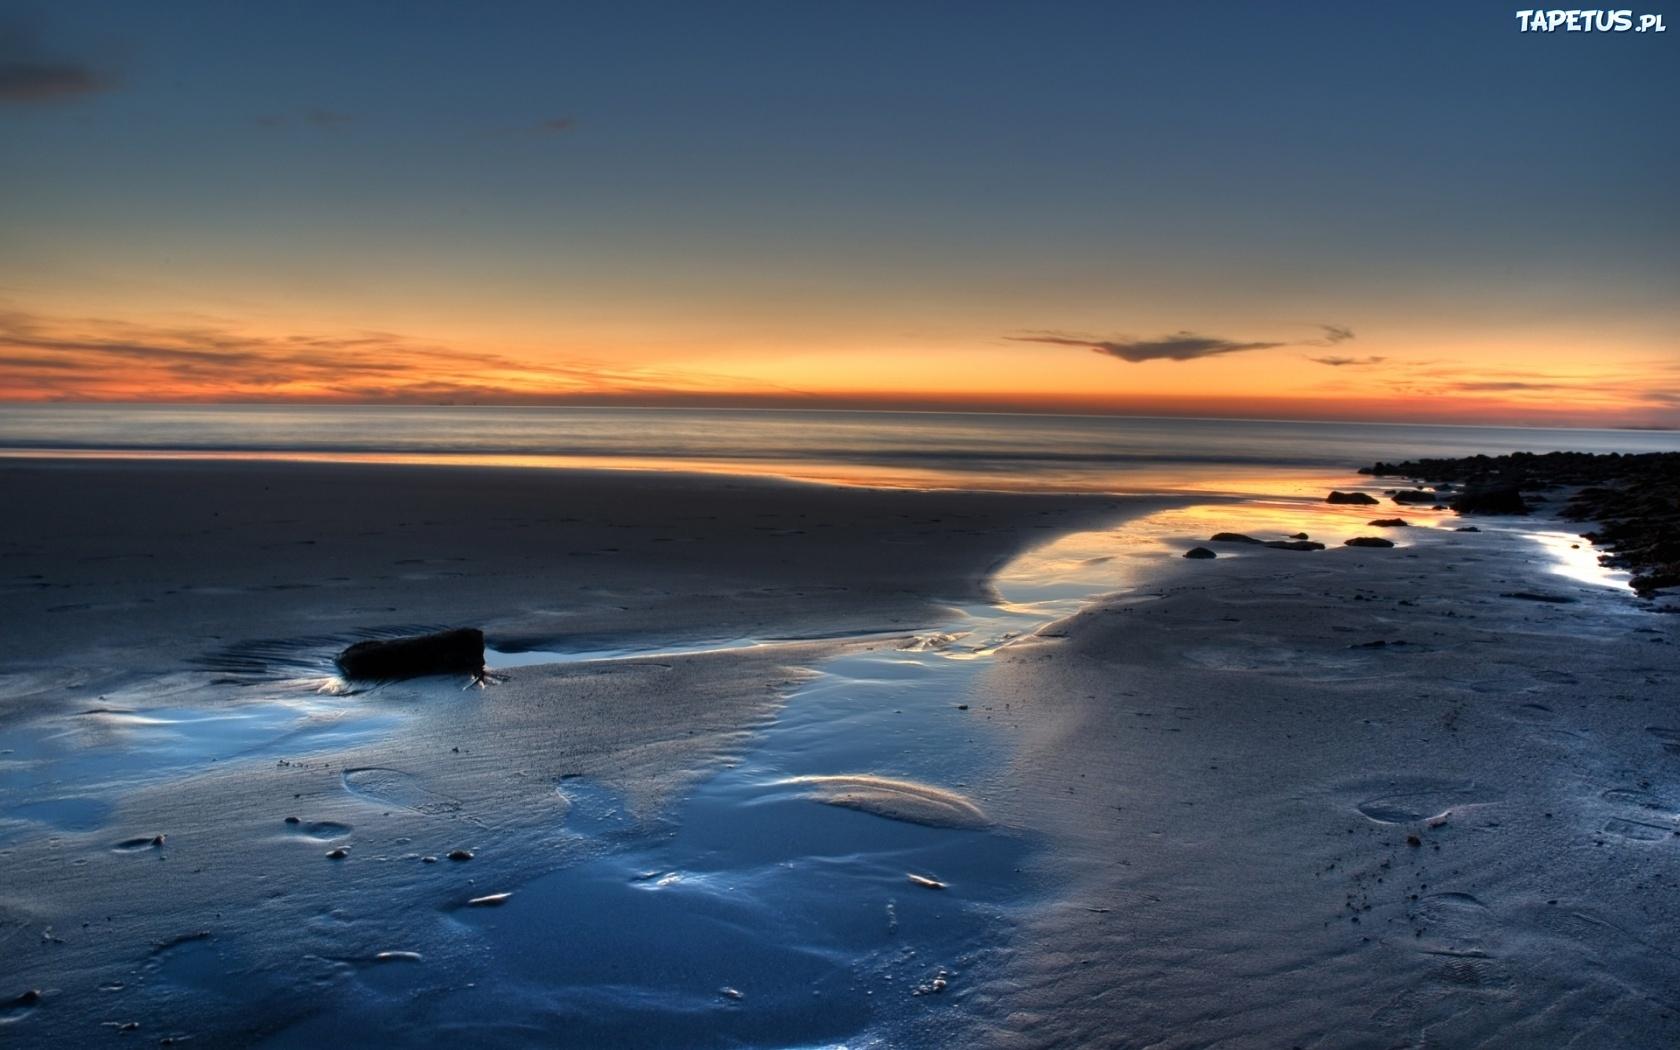 Iphone 6 Wallpaper Beach Tumblr Best Wallpaper: Plaża, Zachód, Słońca